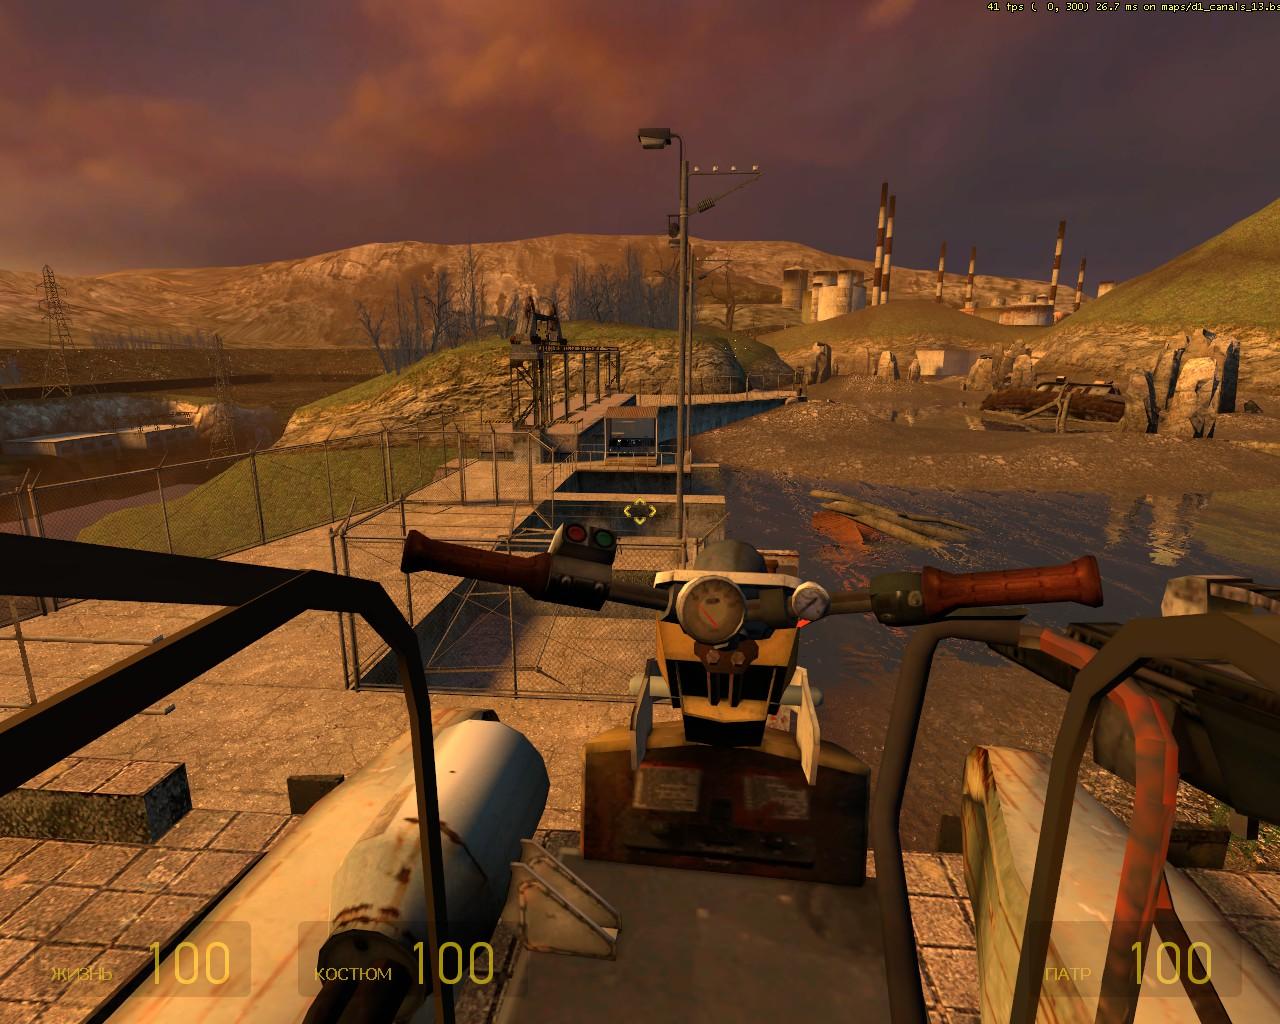 d1_canals_130003.jpg - Half-Life 2